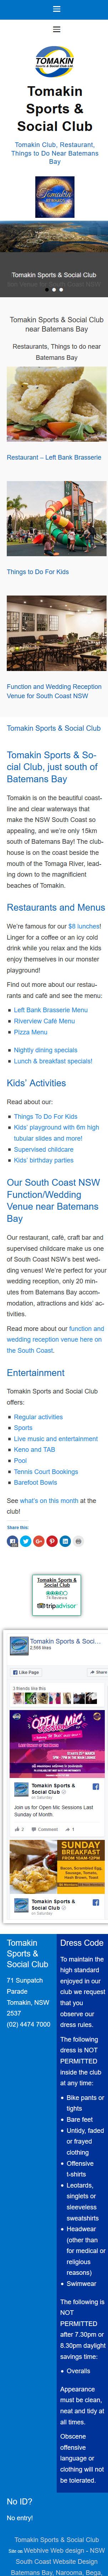 Tomakin Club near Batemans Bay